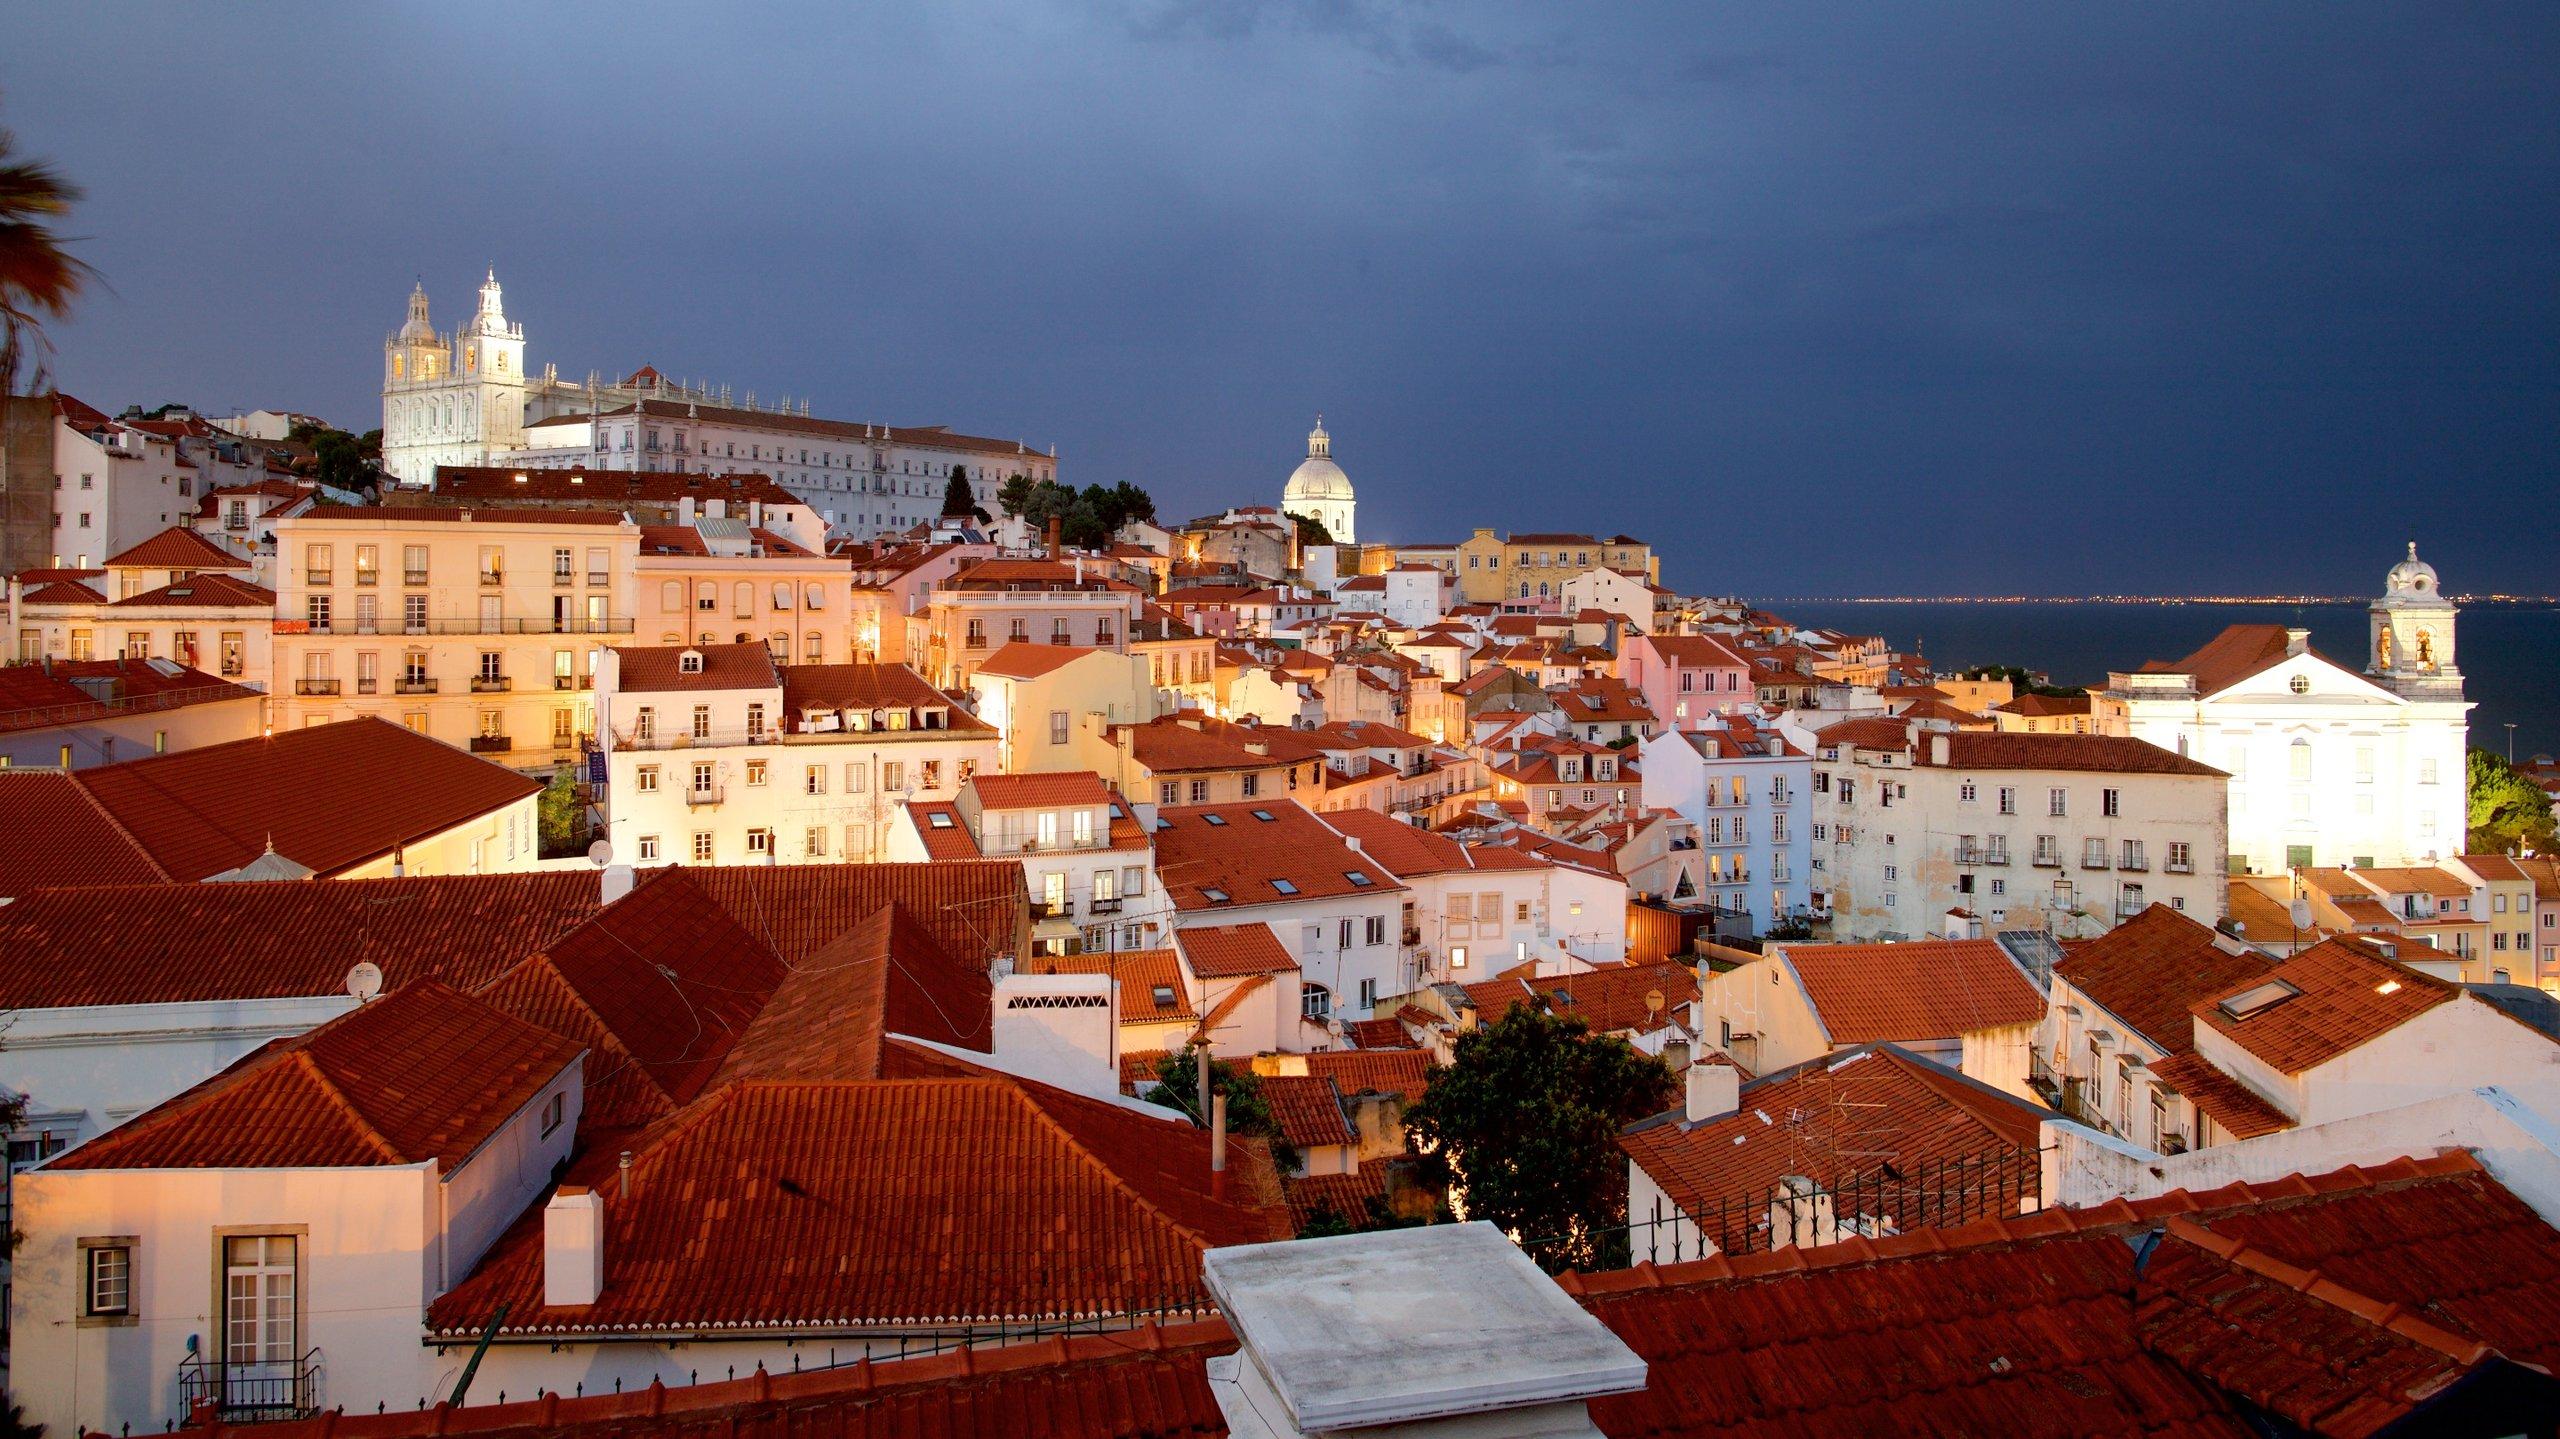 Santa Maria Maior, Lisbon, Lisbon District, Portugal